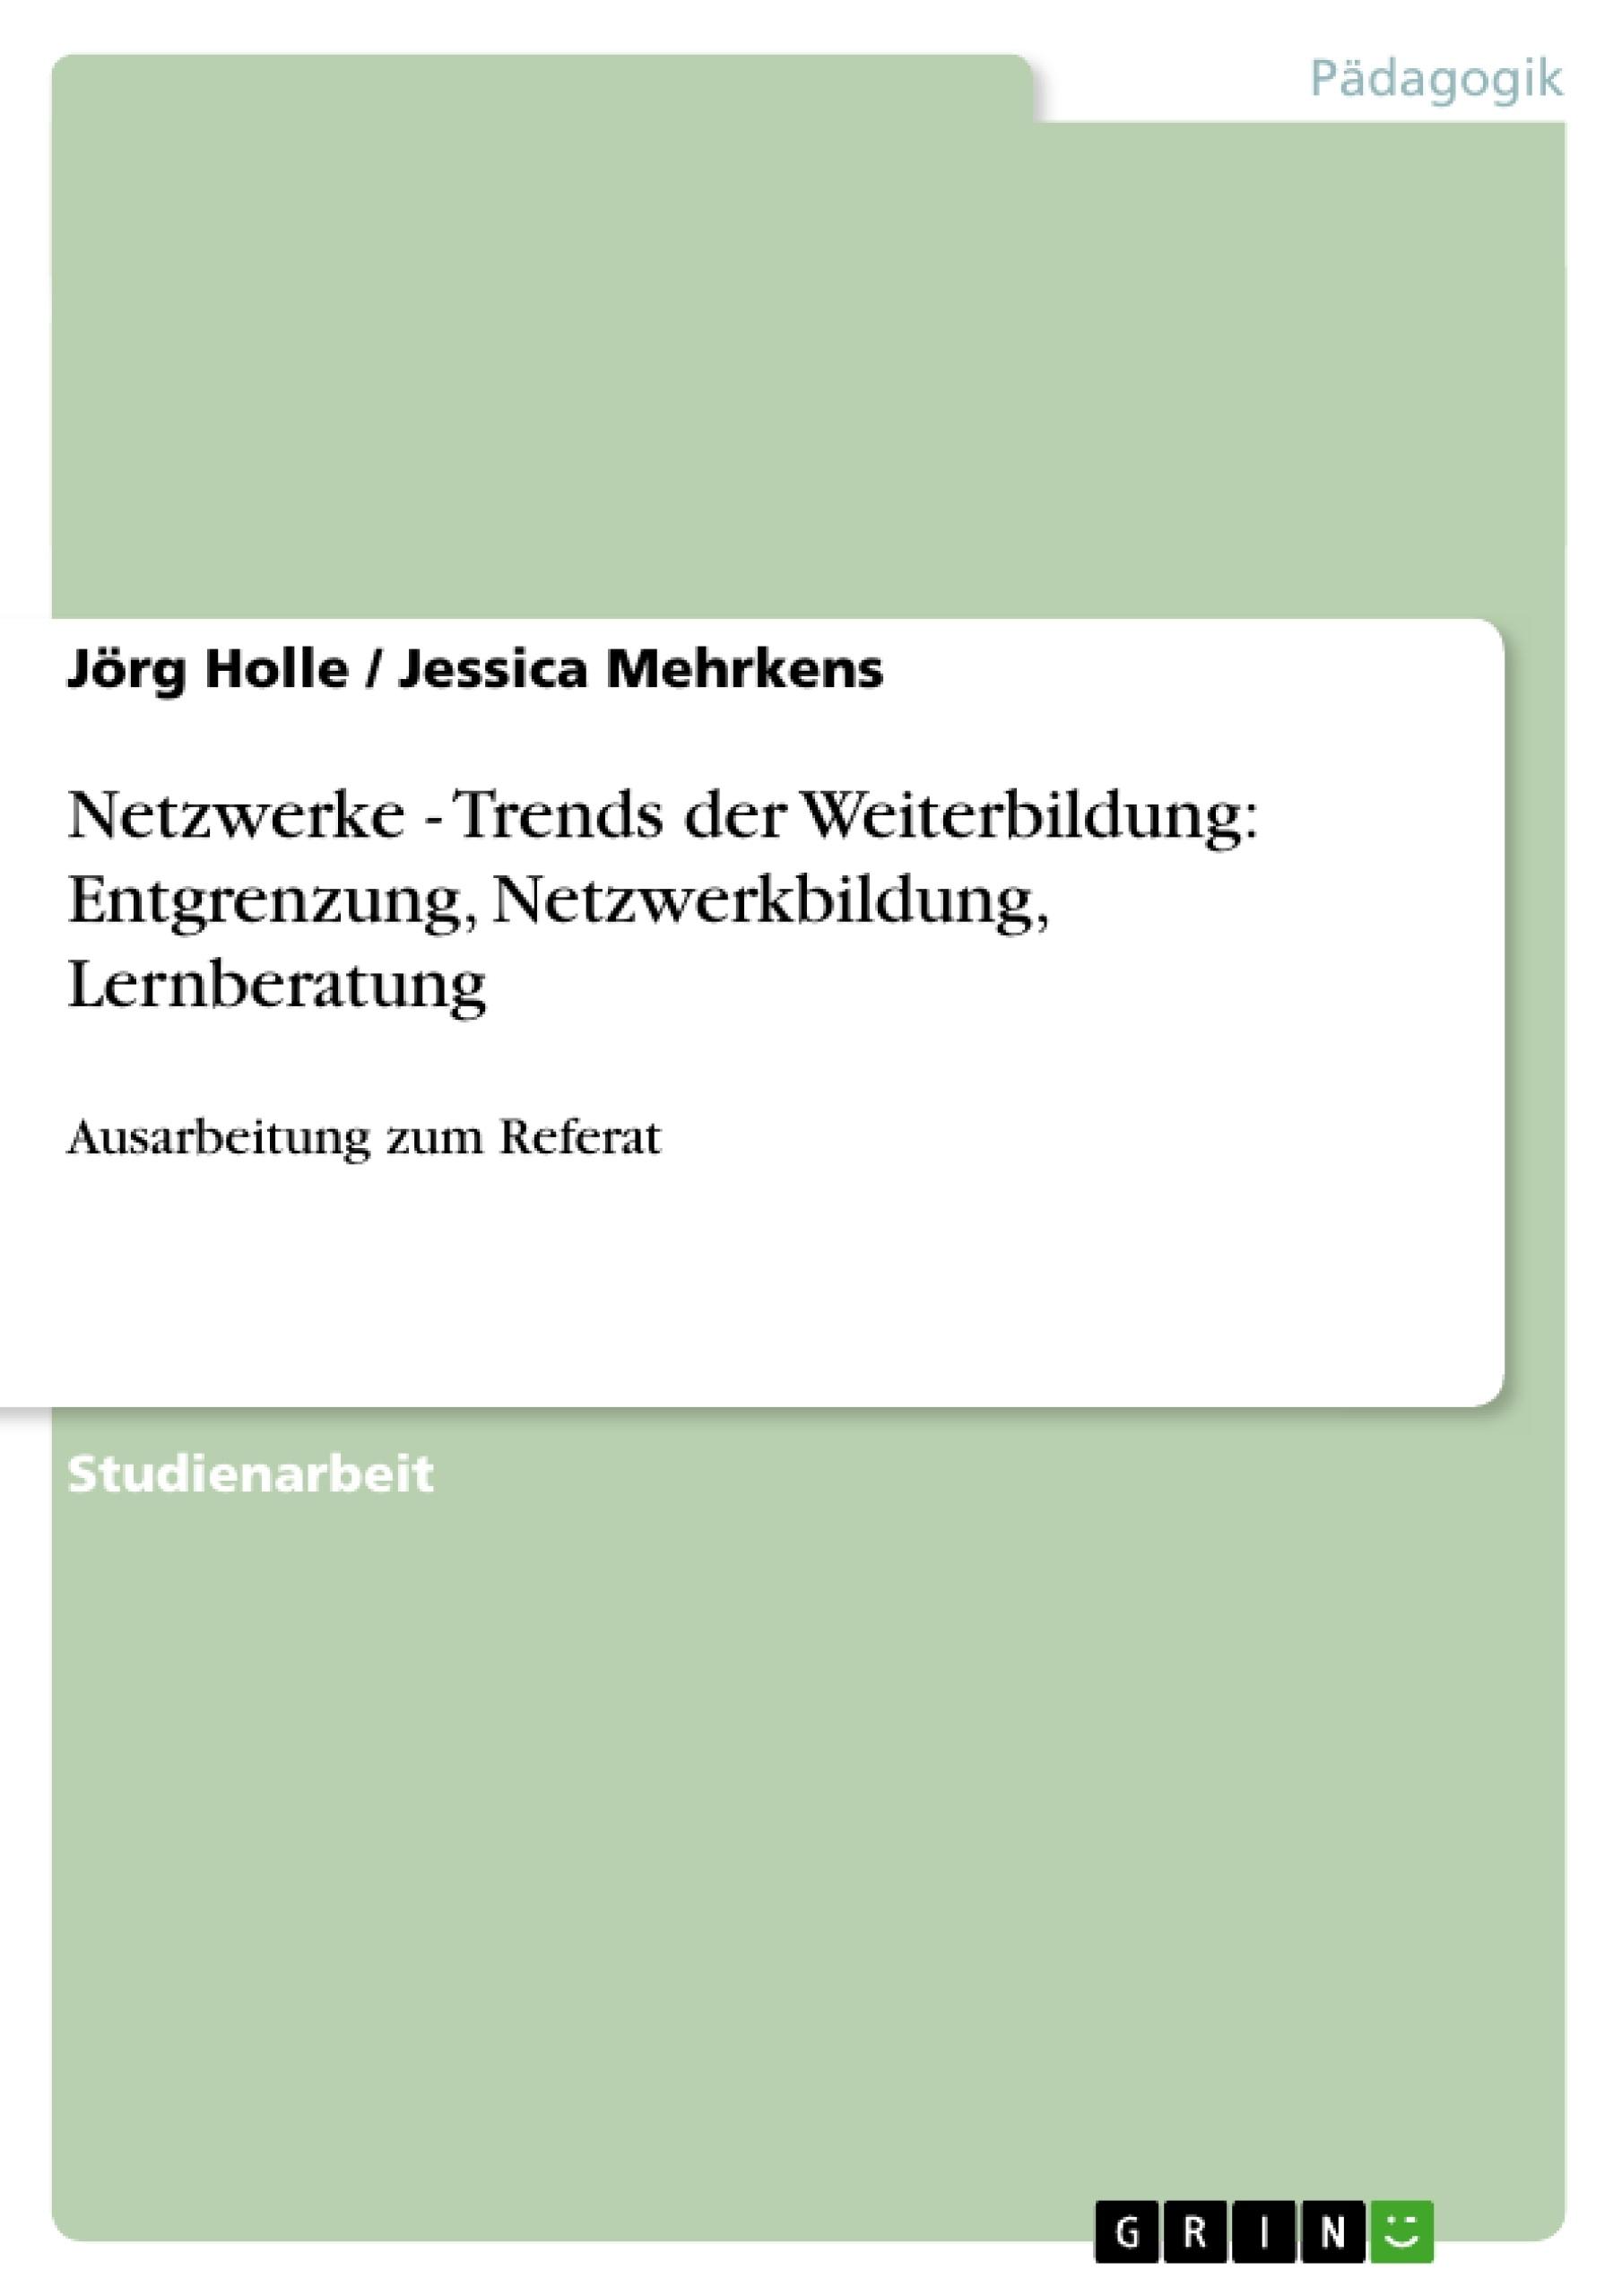 Titel: Netzwerke -  Trends der Weiterbildung: Entgrenzung, Netzwerkbildung, Lernberatung